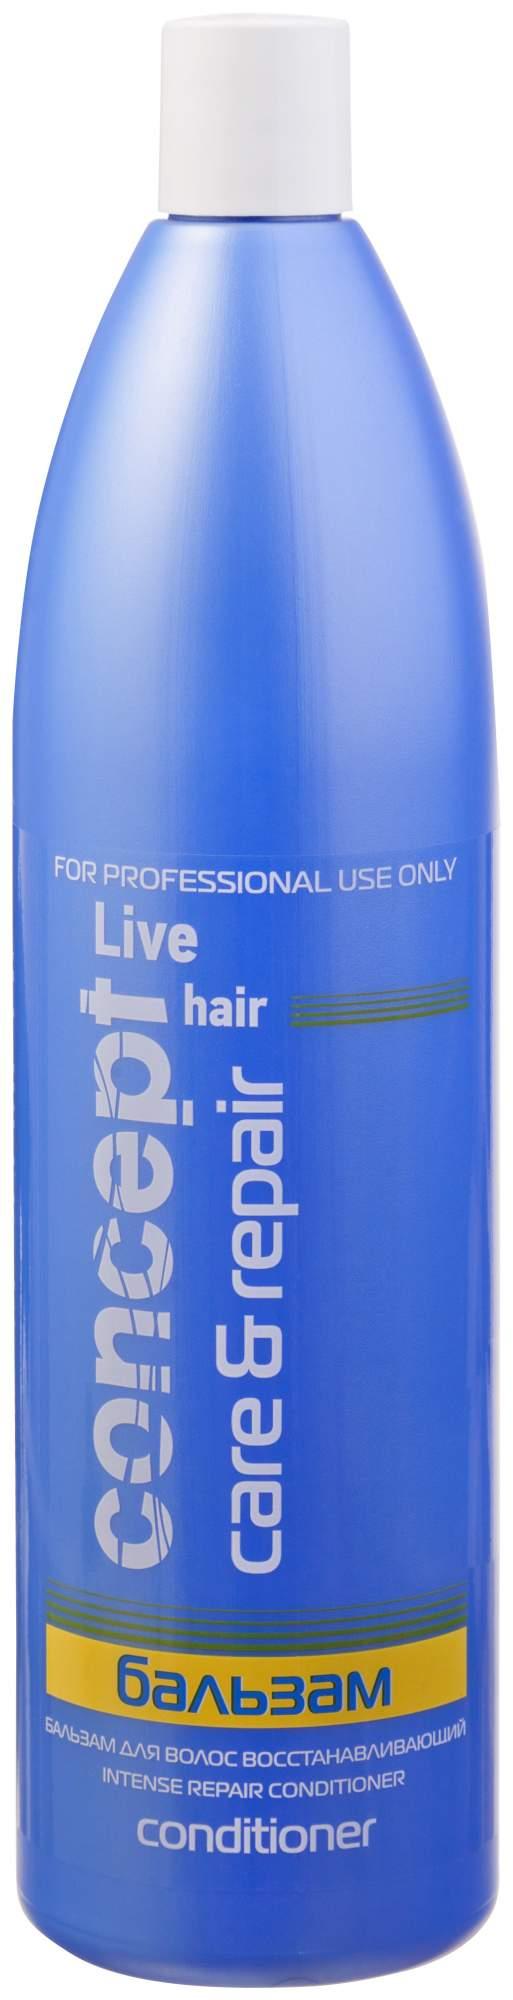 Бальзам для волос Concept Intense Repair Conditioner 300 мл